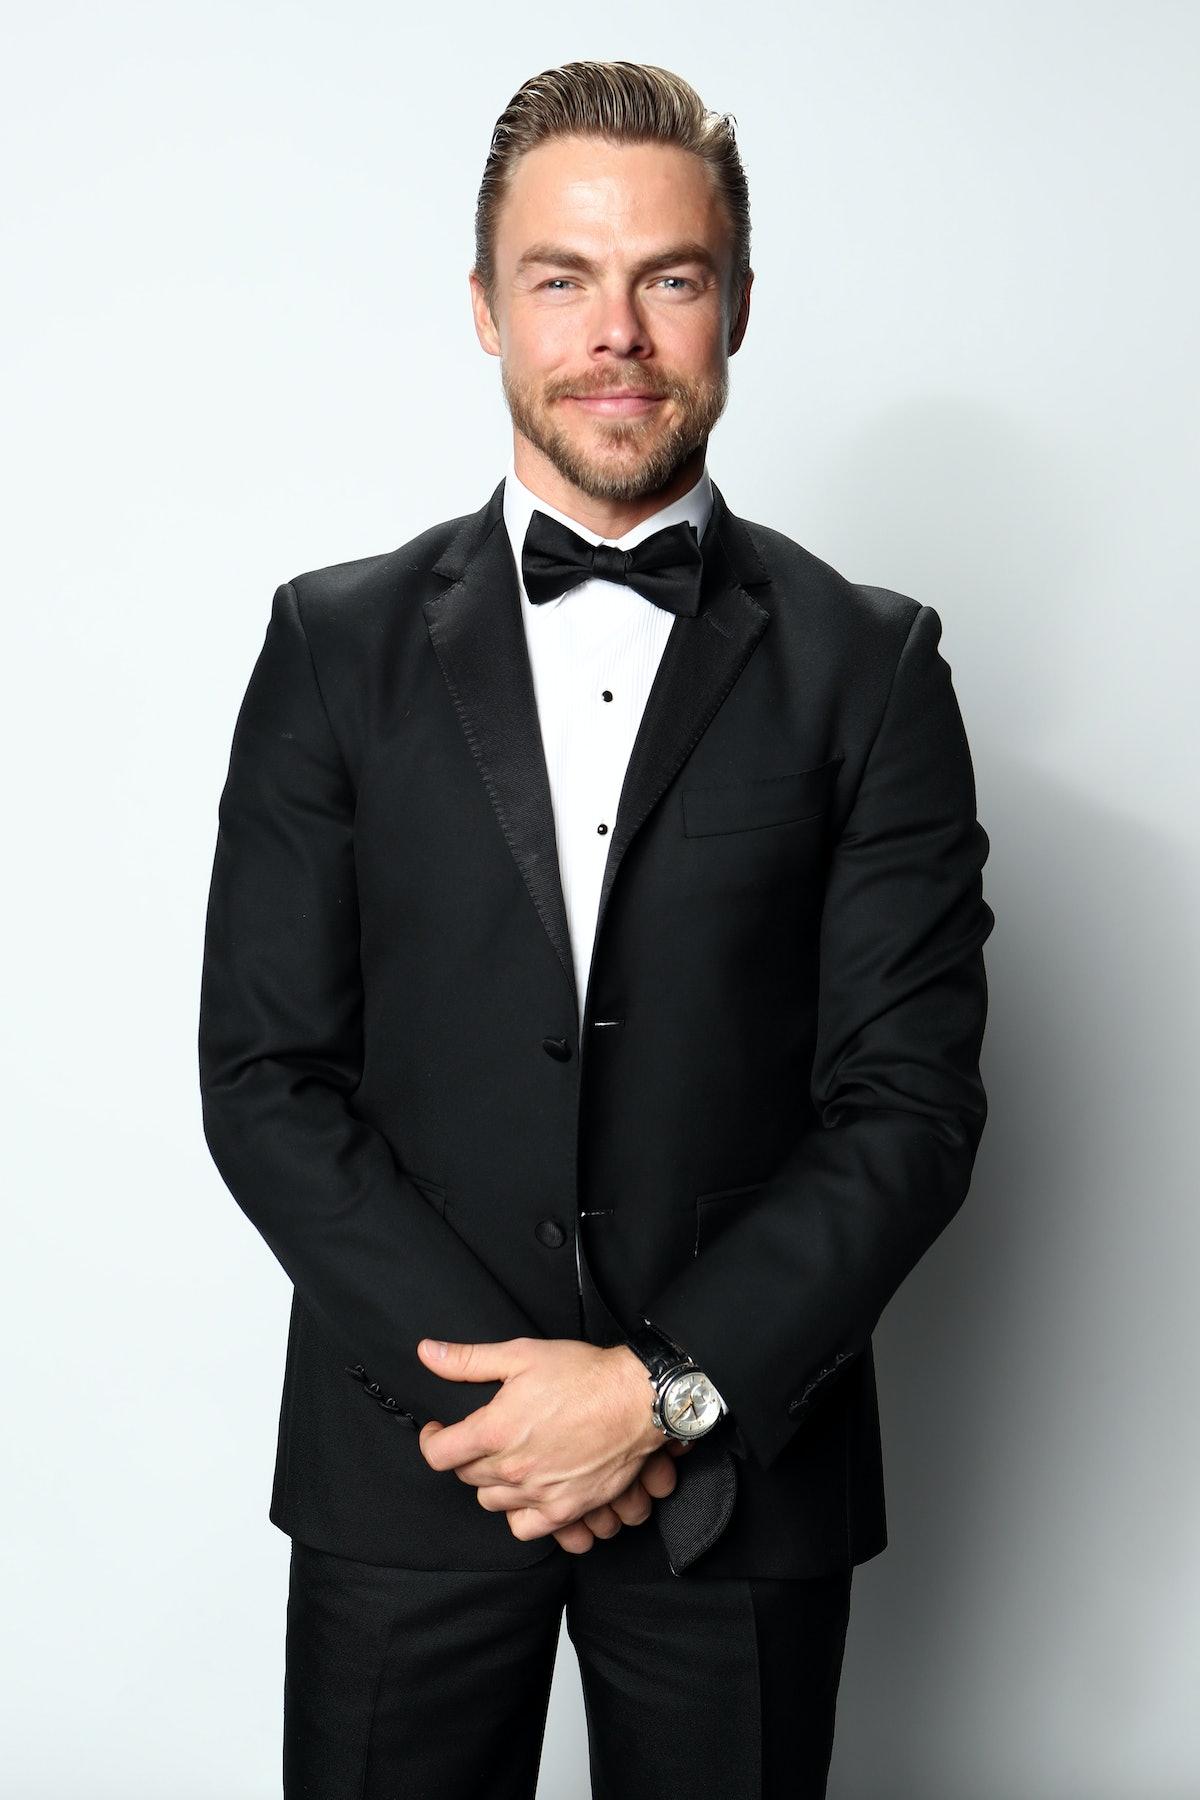 Derek Hough in a tuxedo